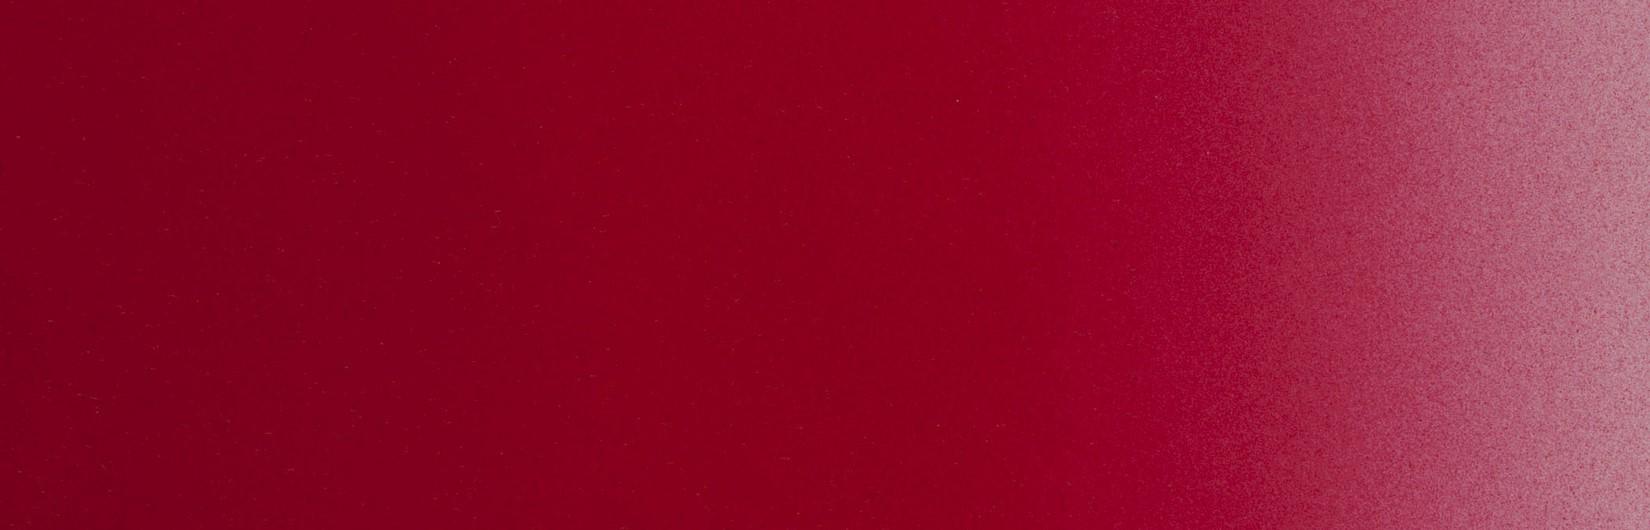 5040-createx-illustration-bloodline-coagulated-crimson.jpg